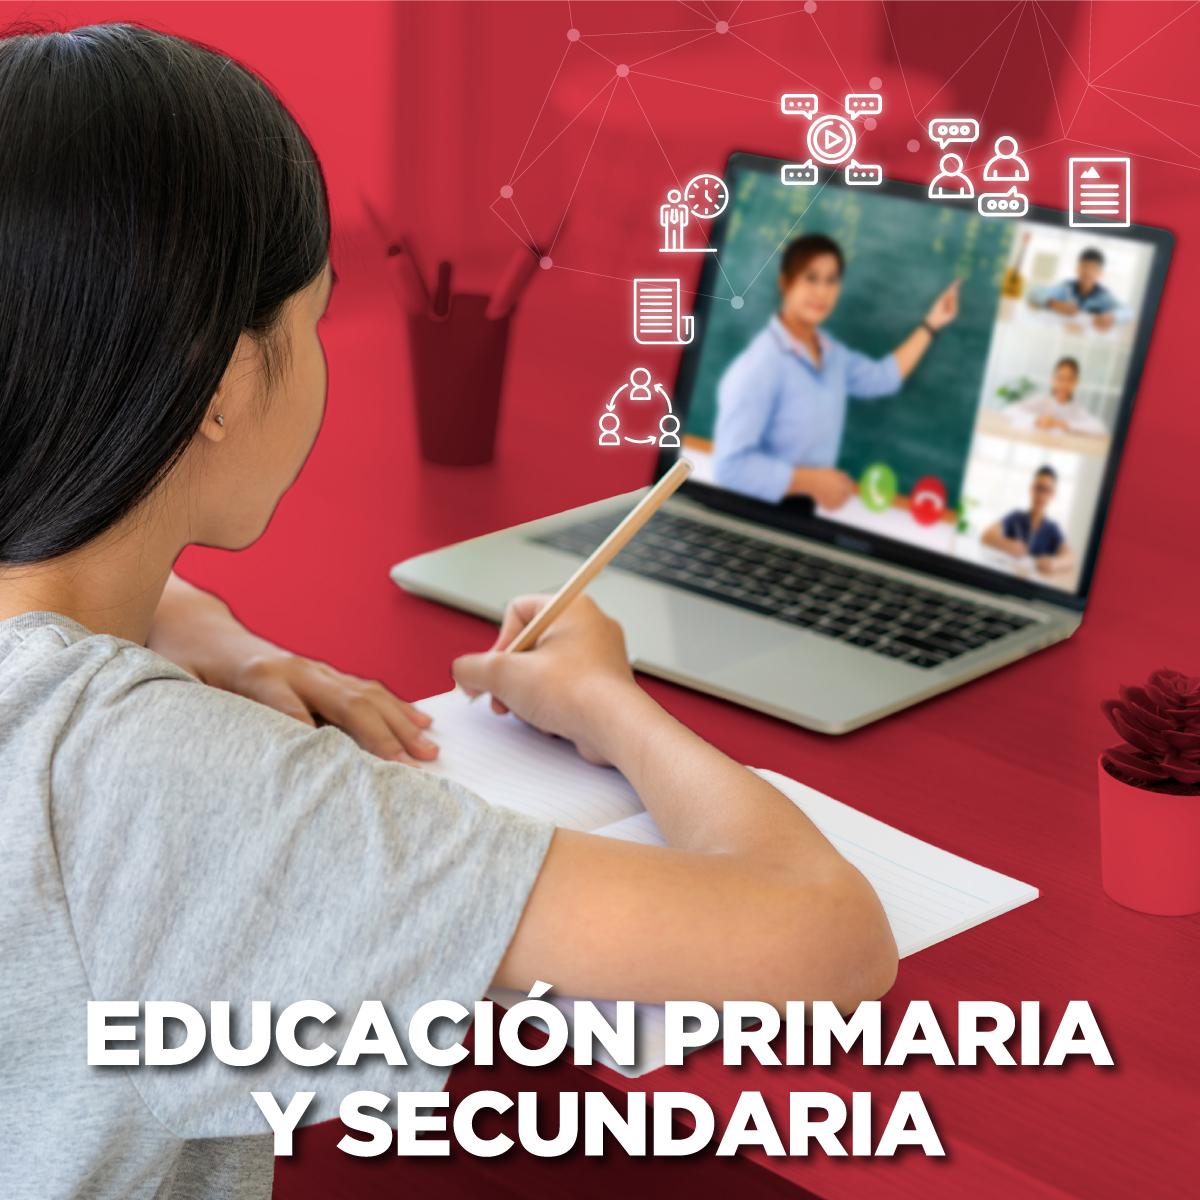 Educación Primaria y Secundaria